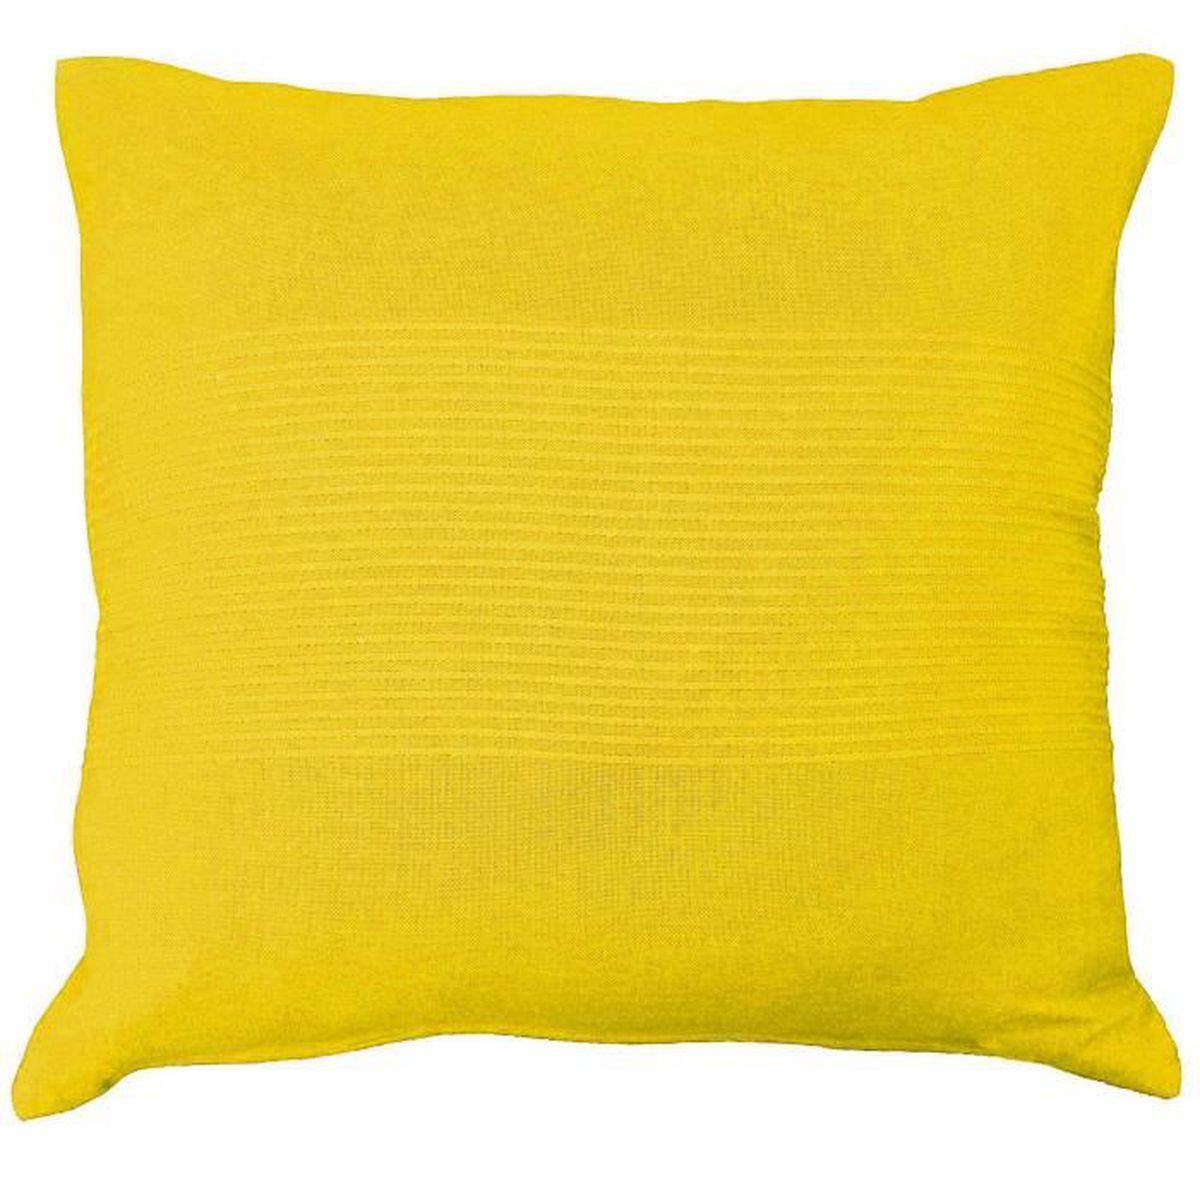 housse de coussin jaune 40 x 40 achat vente housse de coussin jaune 40 x 40 pas cher cdiscount. Black Bedroom Furniture Sets. Home Design Ideas